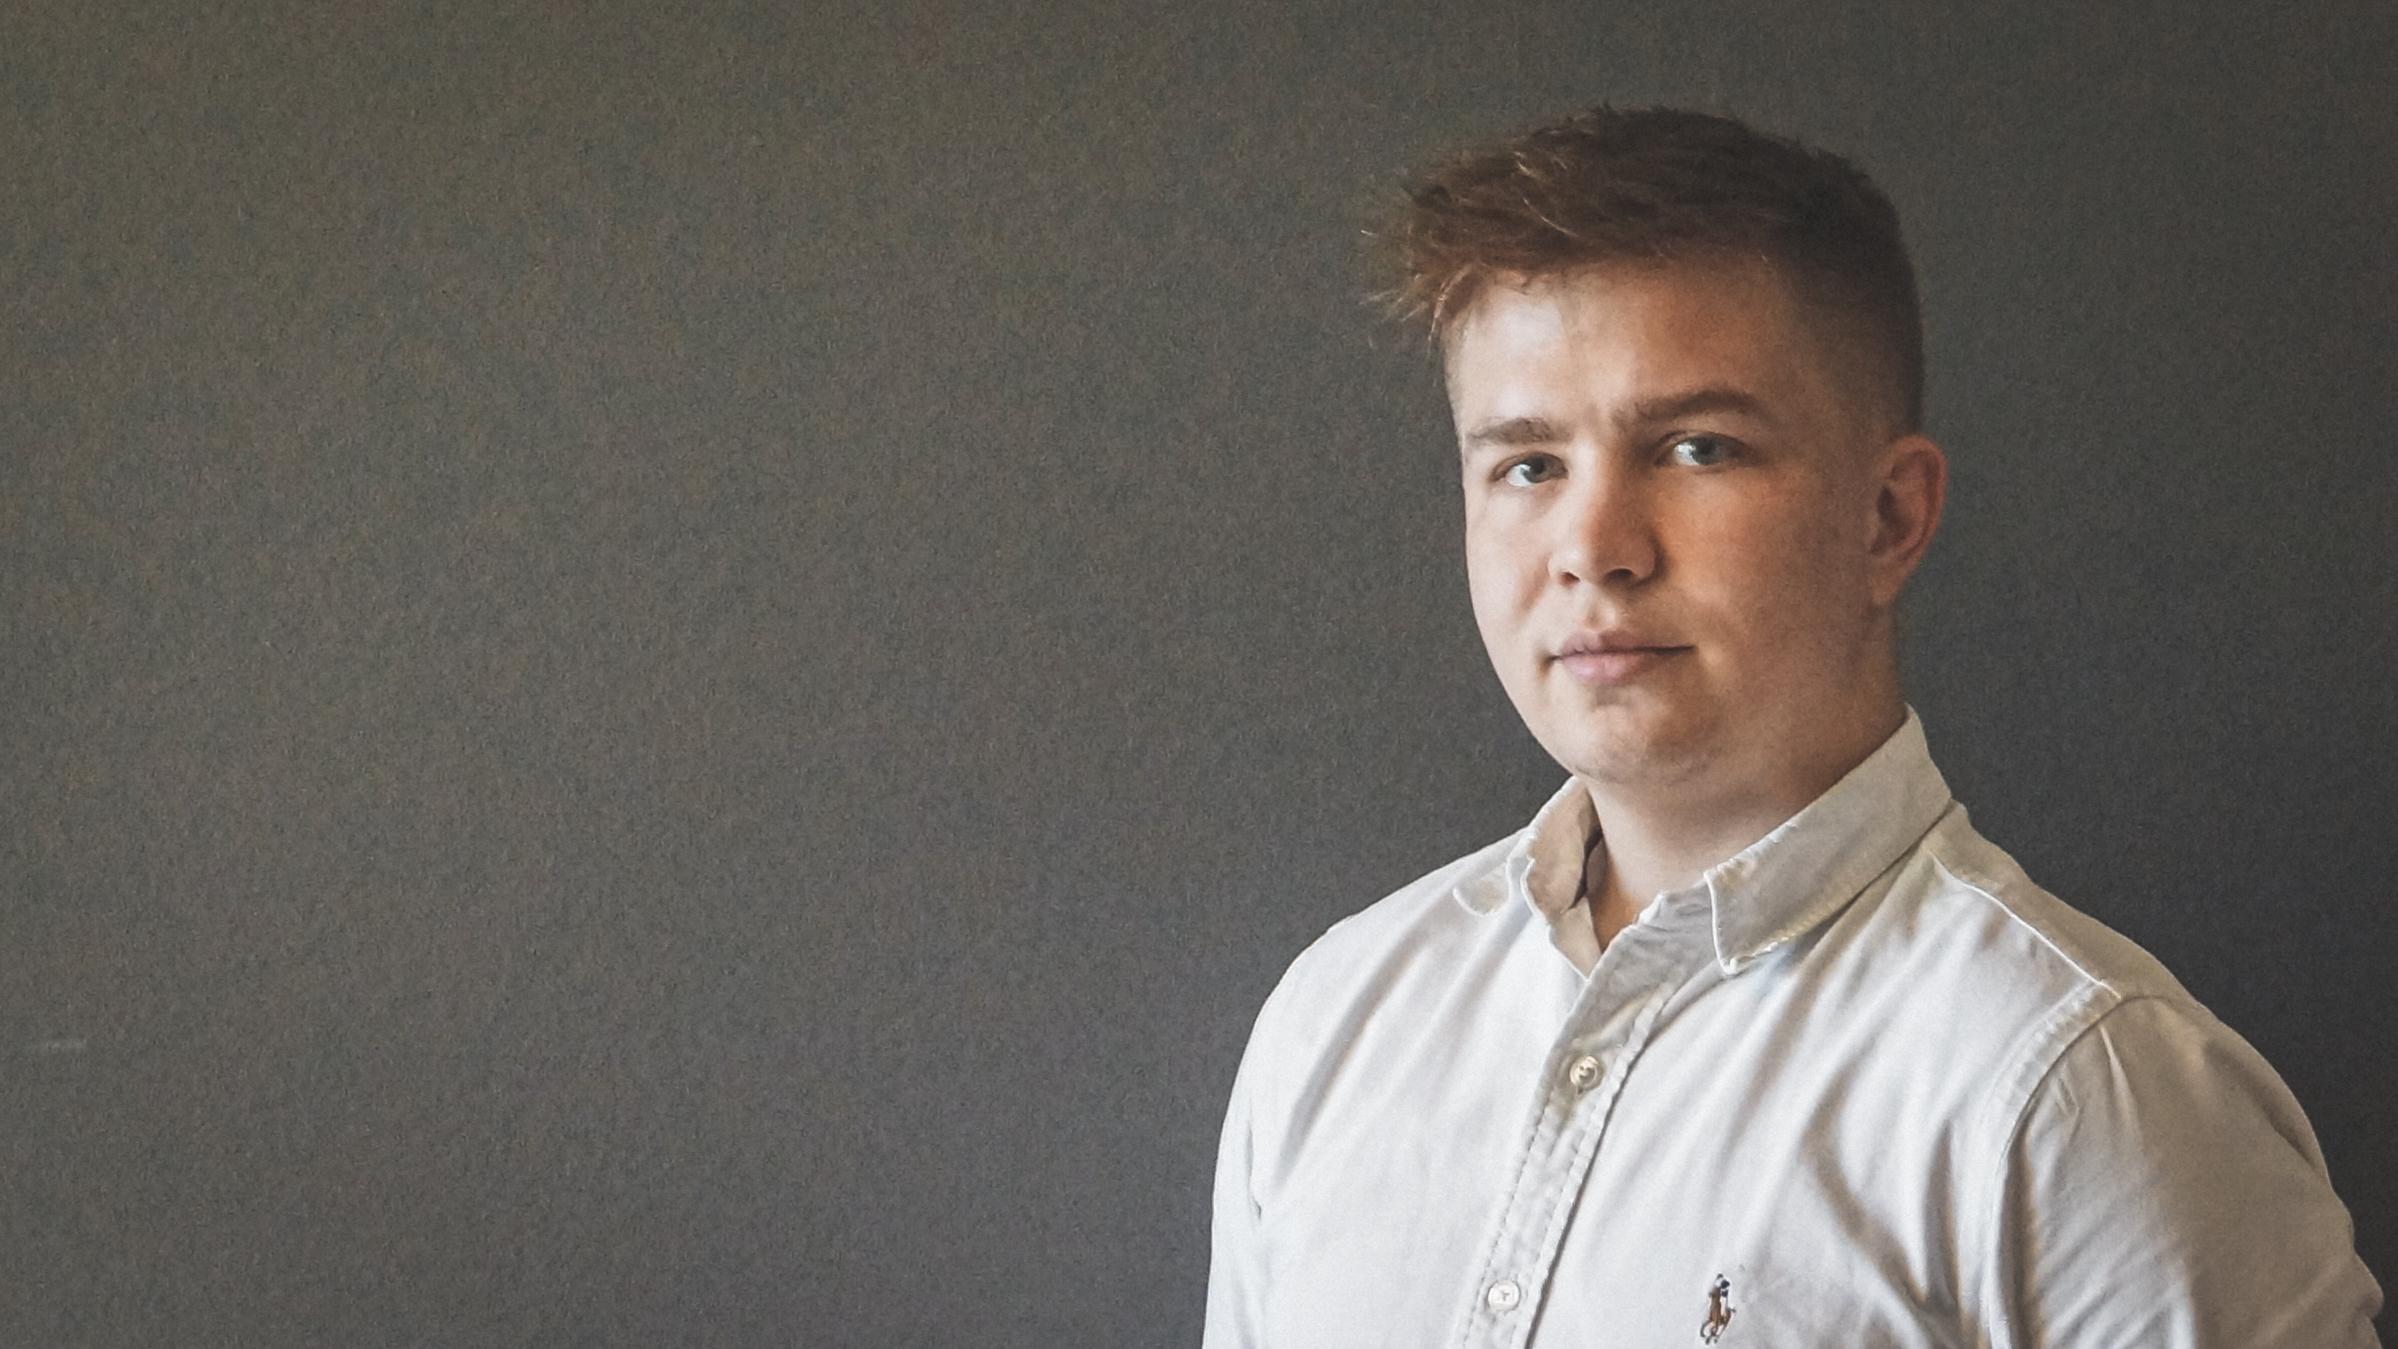 Profil billede af grafisk designer Jacob Hass Thomsen